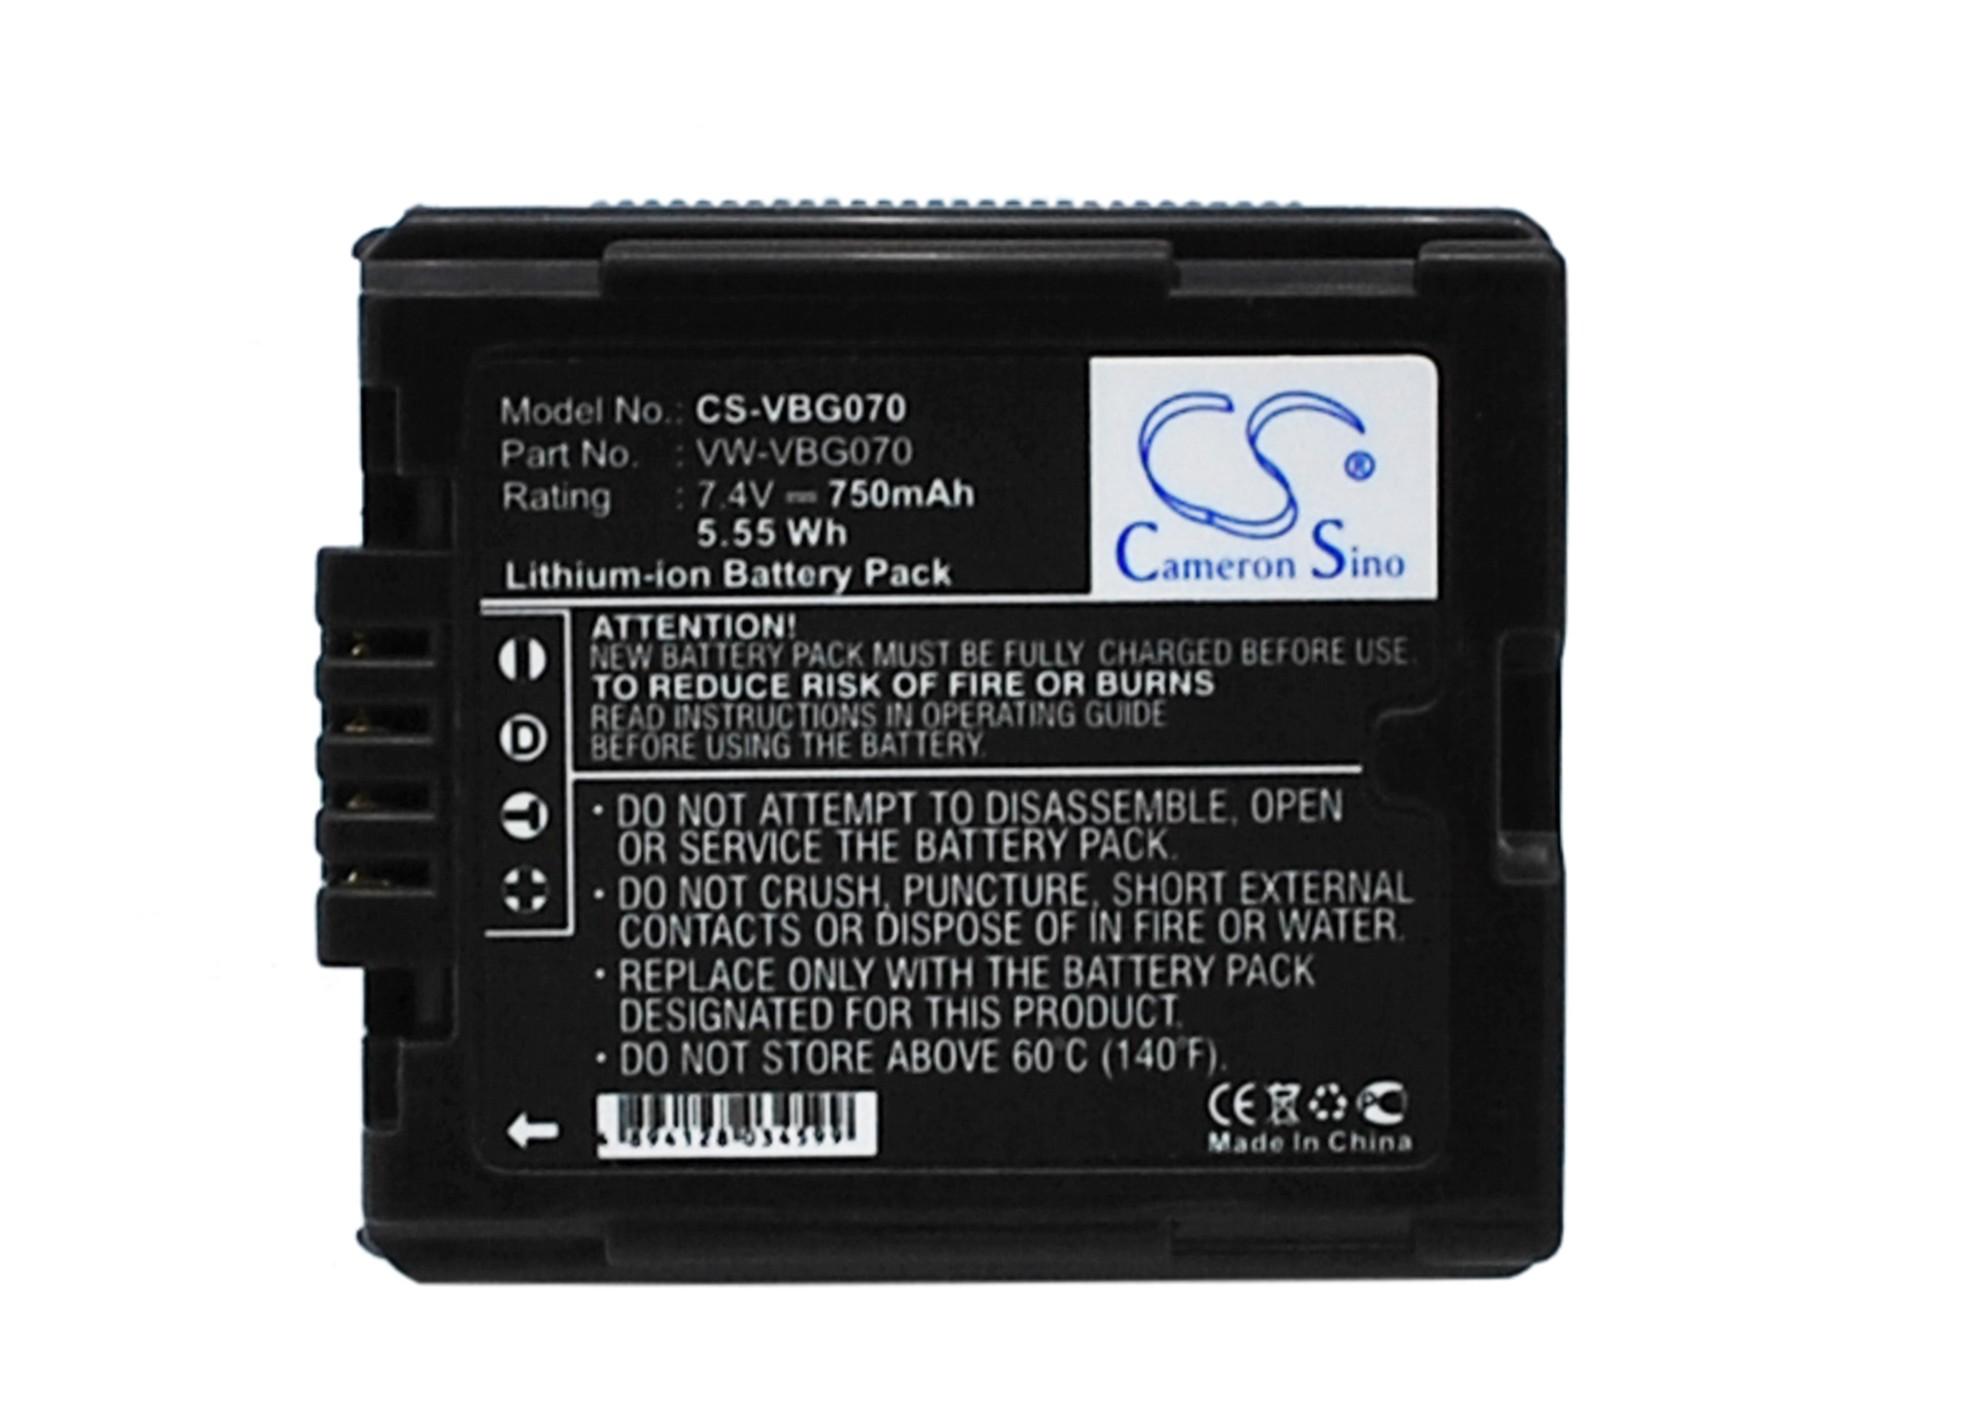 Cameron Sino baterie do kamer a fotoaparátů pro PANASONIC SDR-H50 7.4V Li-ion 750mAh černá - neoriginální